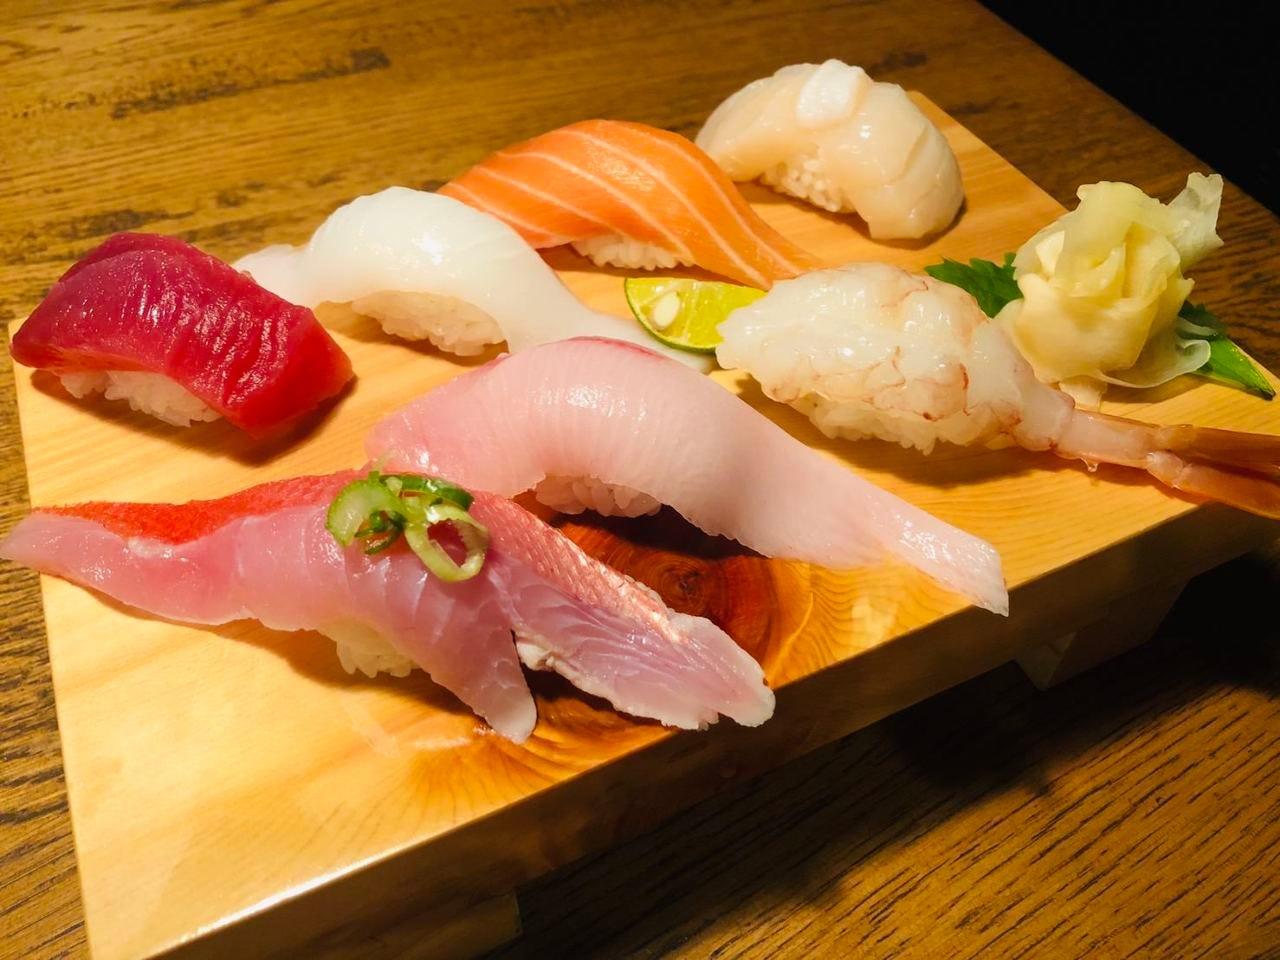 sushi&sake 篝火